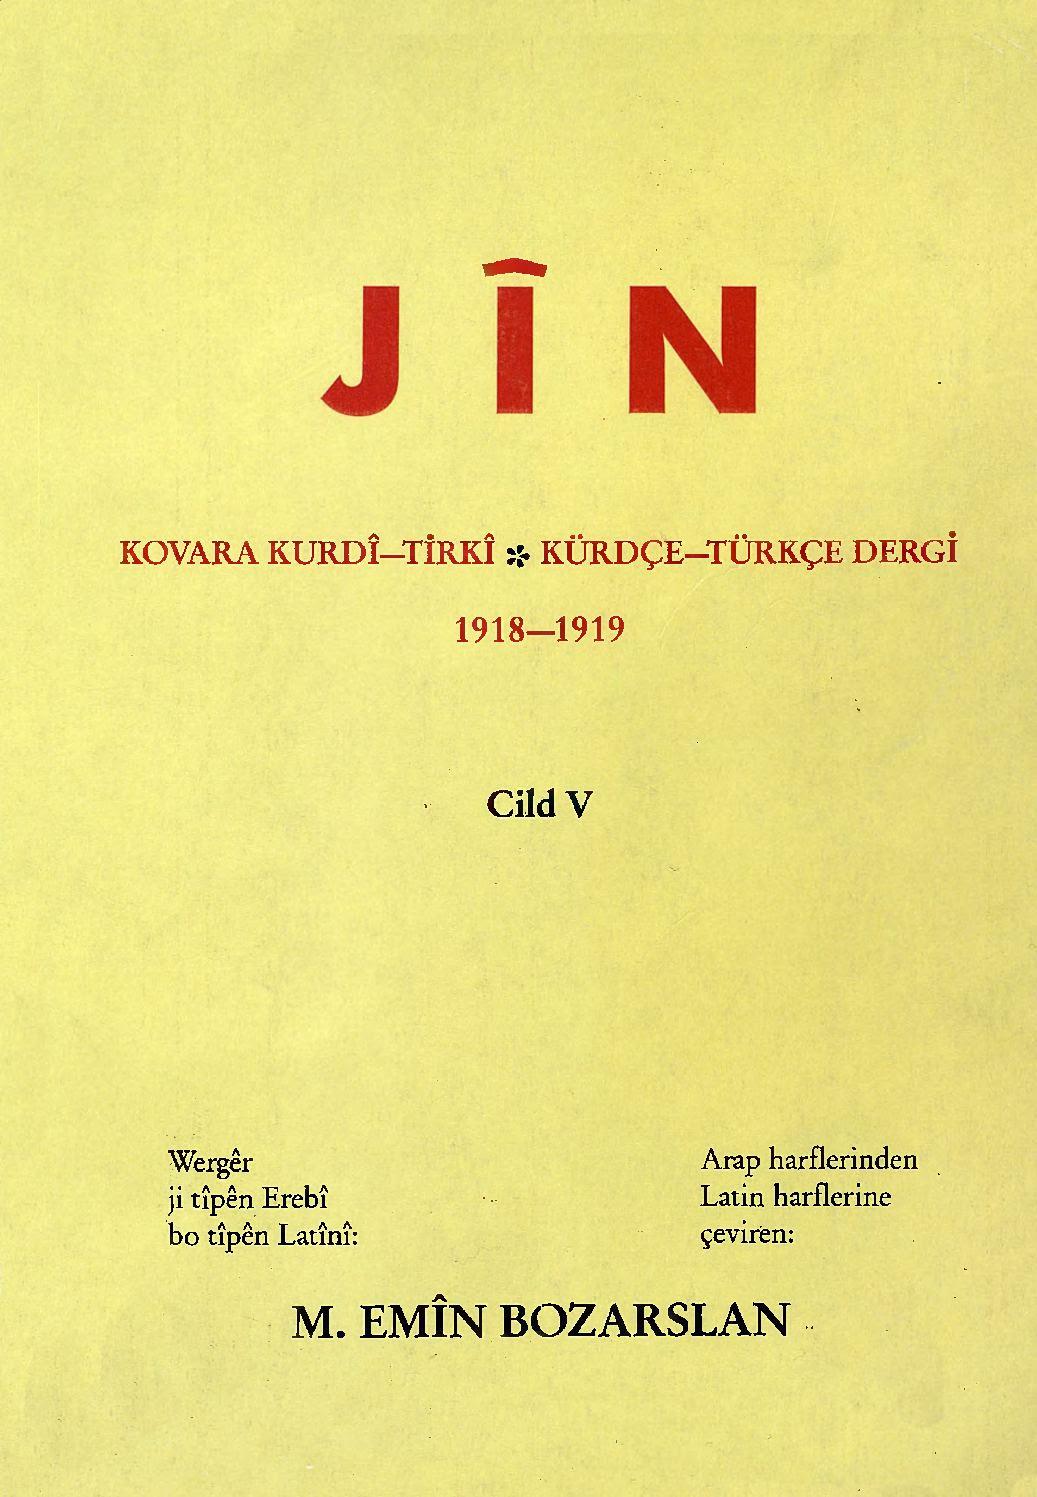 Calaméo Jîn Cild 5 Kovara Kurdî Tirkî Kürdçe Türkçe Dergi